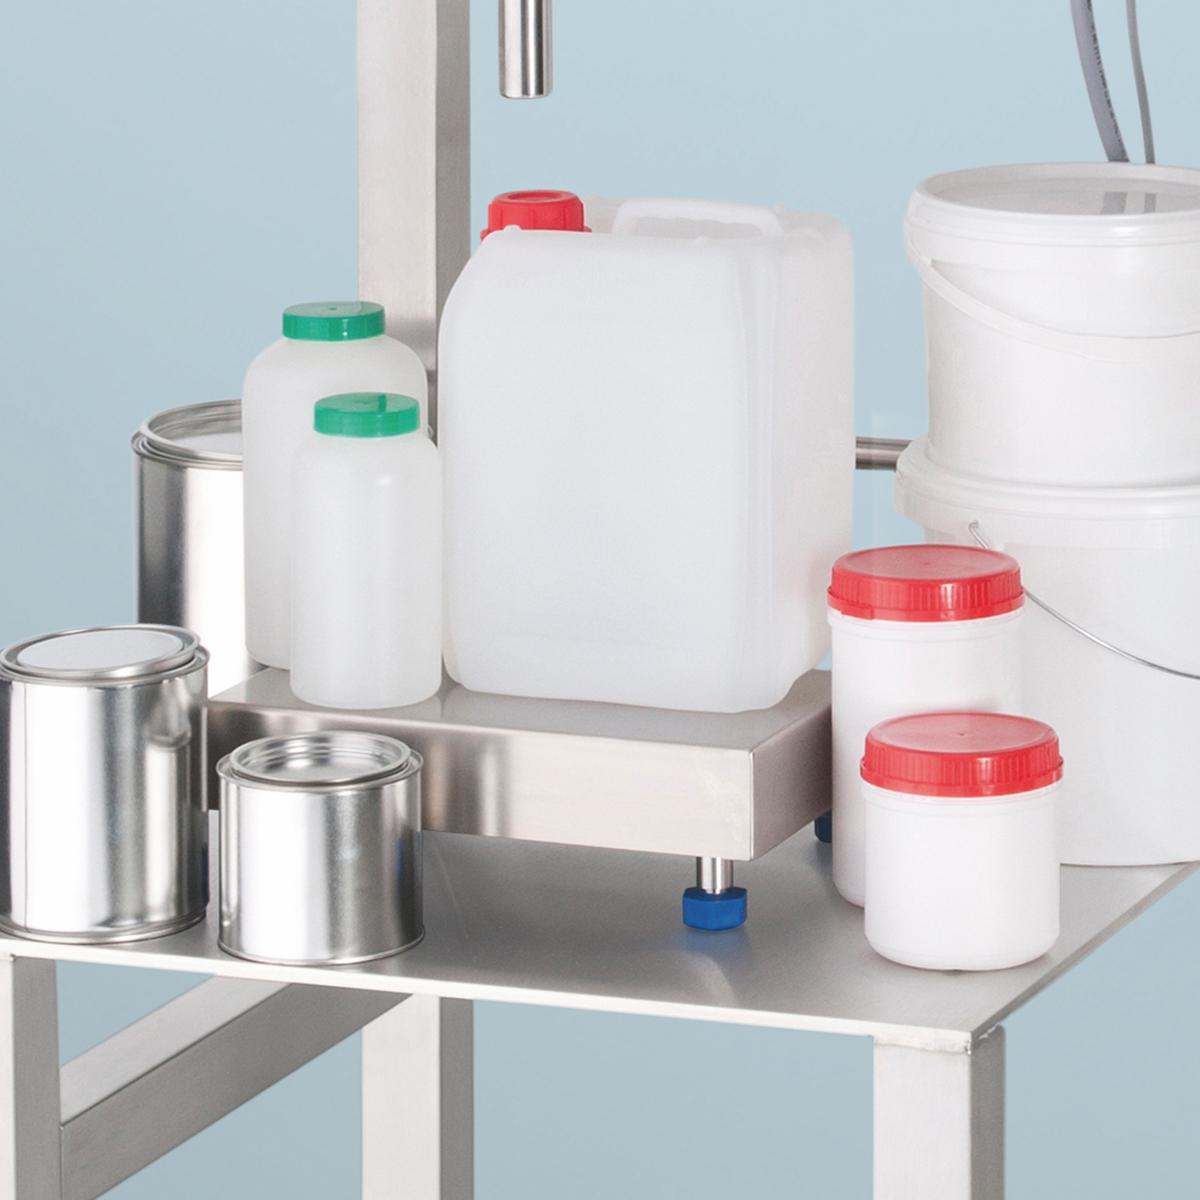 Abgefüllt werden kann in Flaschen, Gläser, Dosen, Eimer, Kanister oder Hobbocks. (Bild: FLUX-Geräte GmbH)